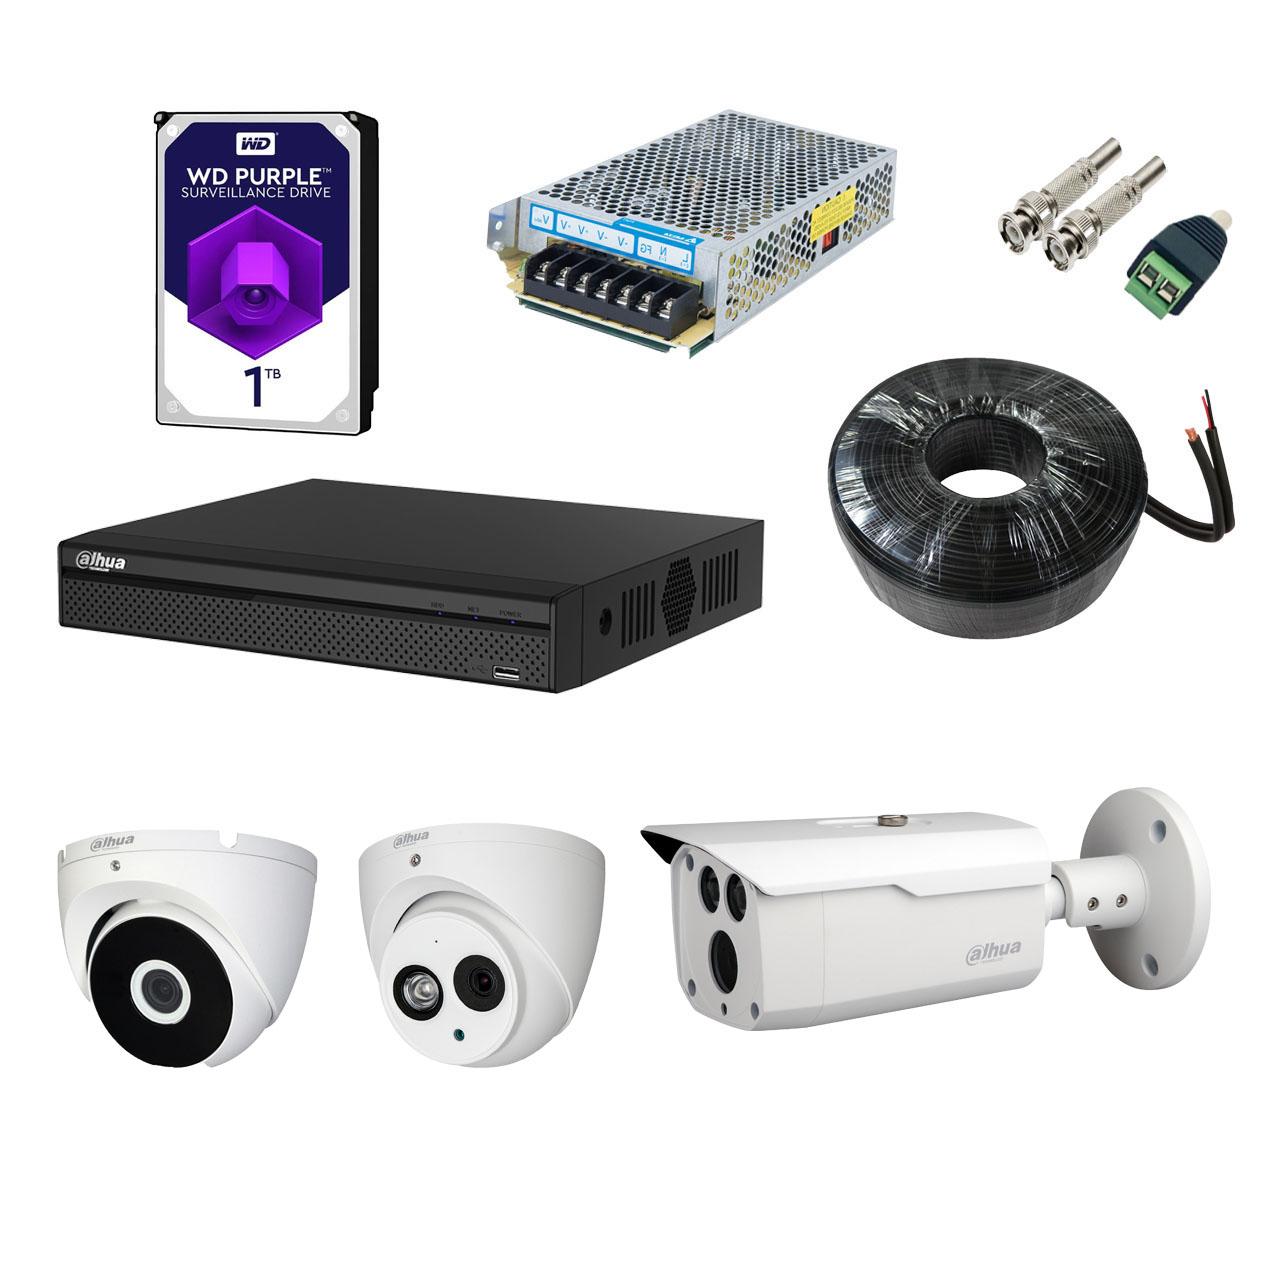 بررسی و خرید [با تخفیف]                                     سیستم امنیتی داهوا مدل DP32S2111-N                             اورجینال